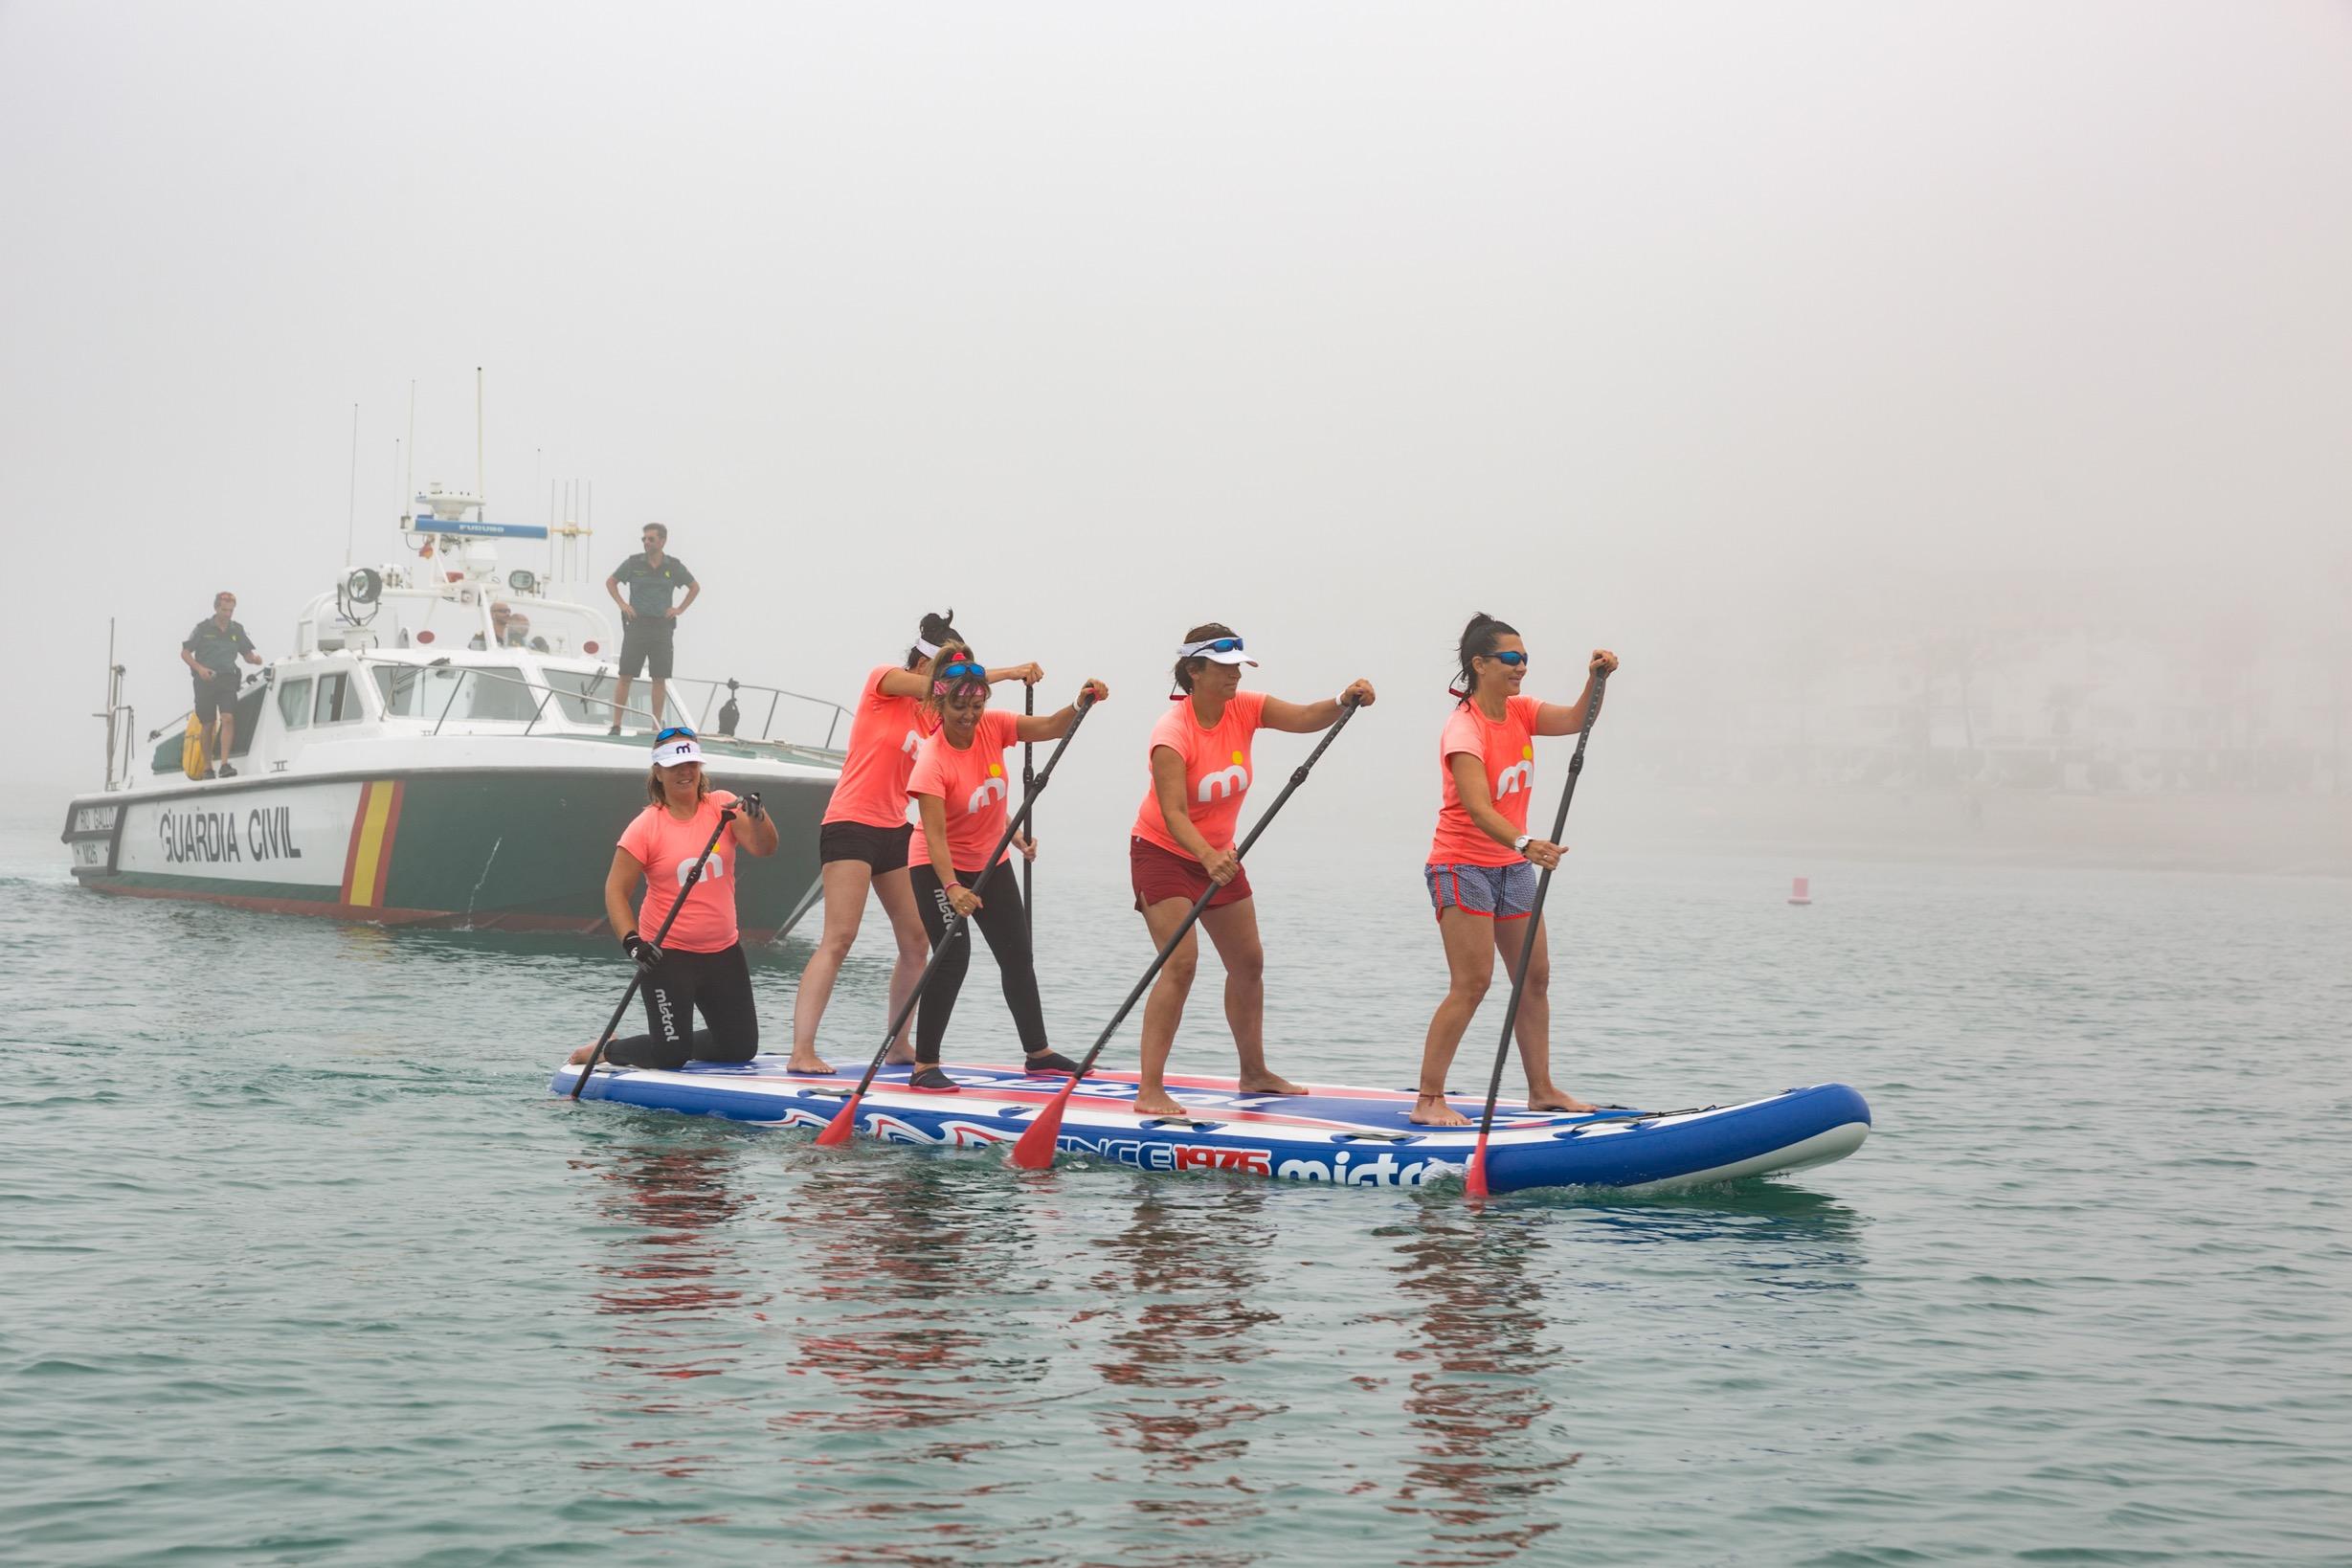 SURFEANDO LA VIDA entrando en Puerto de La Duquesa, Manilva, escoltadas por la Guardia Civil